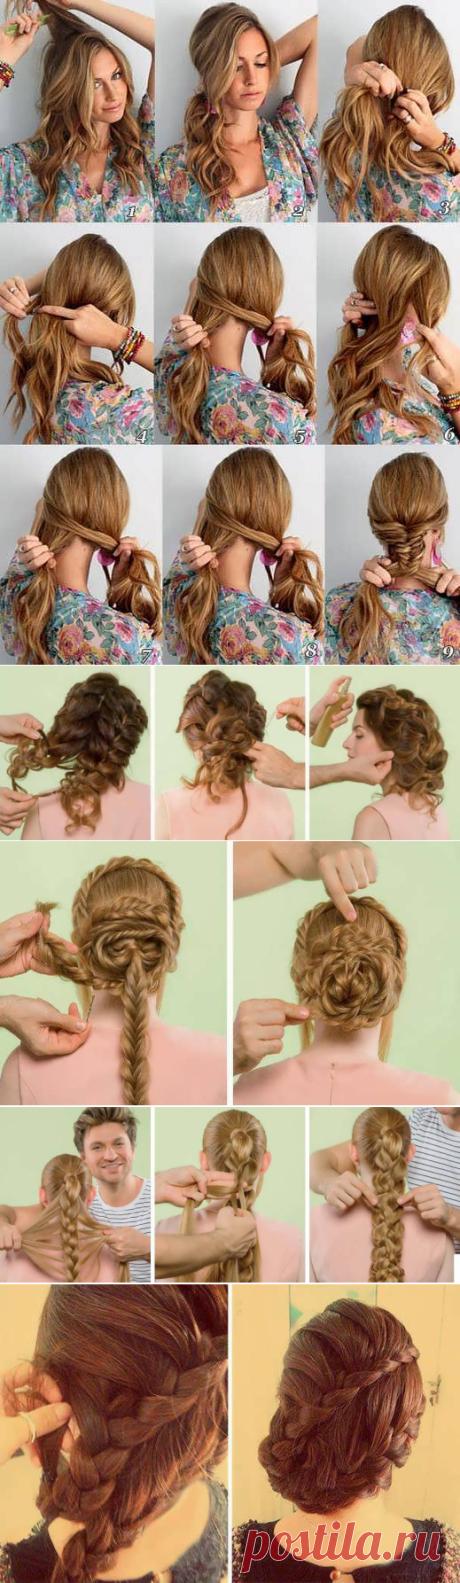 Красивые косички на длинные волосы своими руками: фото уроки